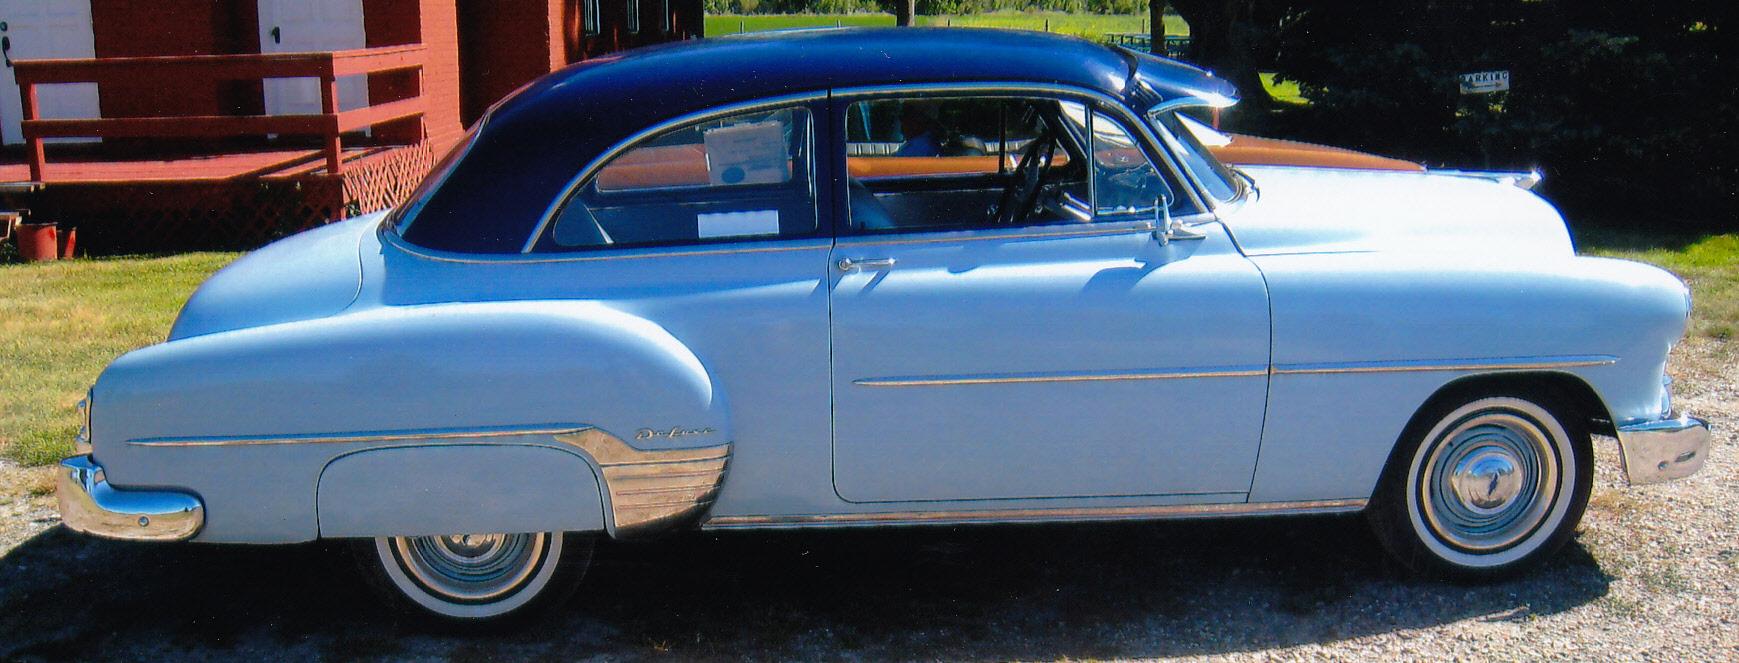 hight resolution of 1952 chevrolet 2 door sedan new